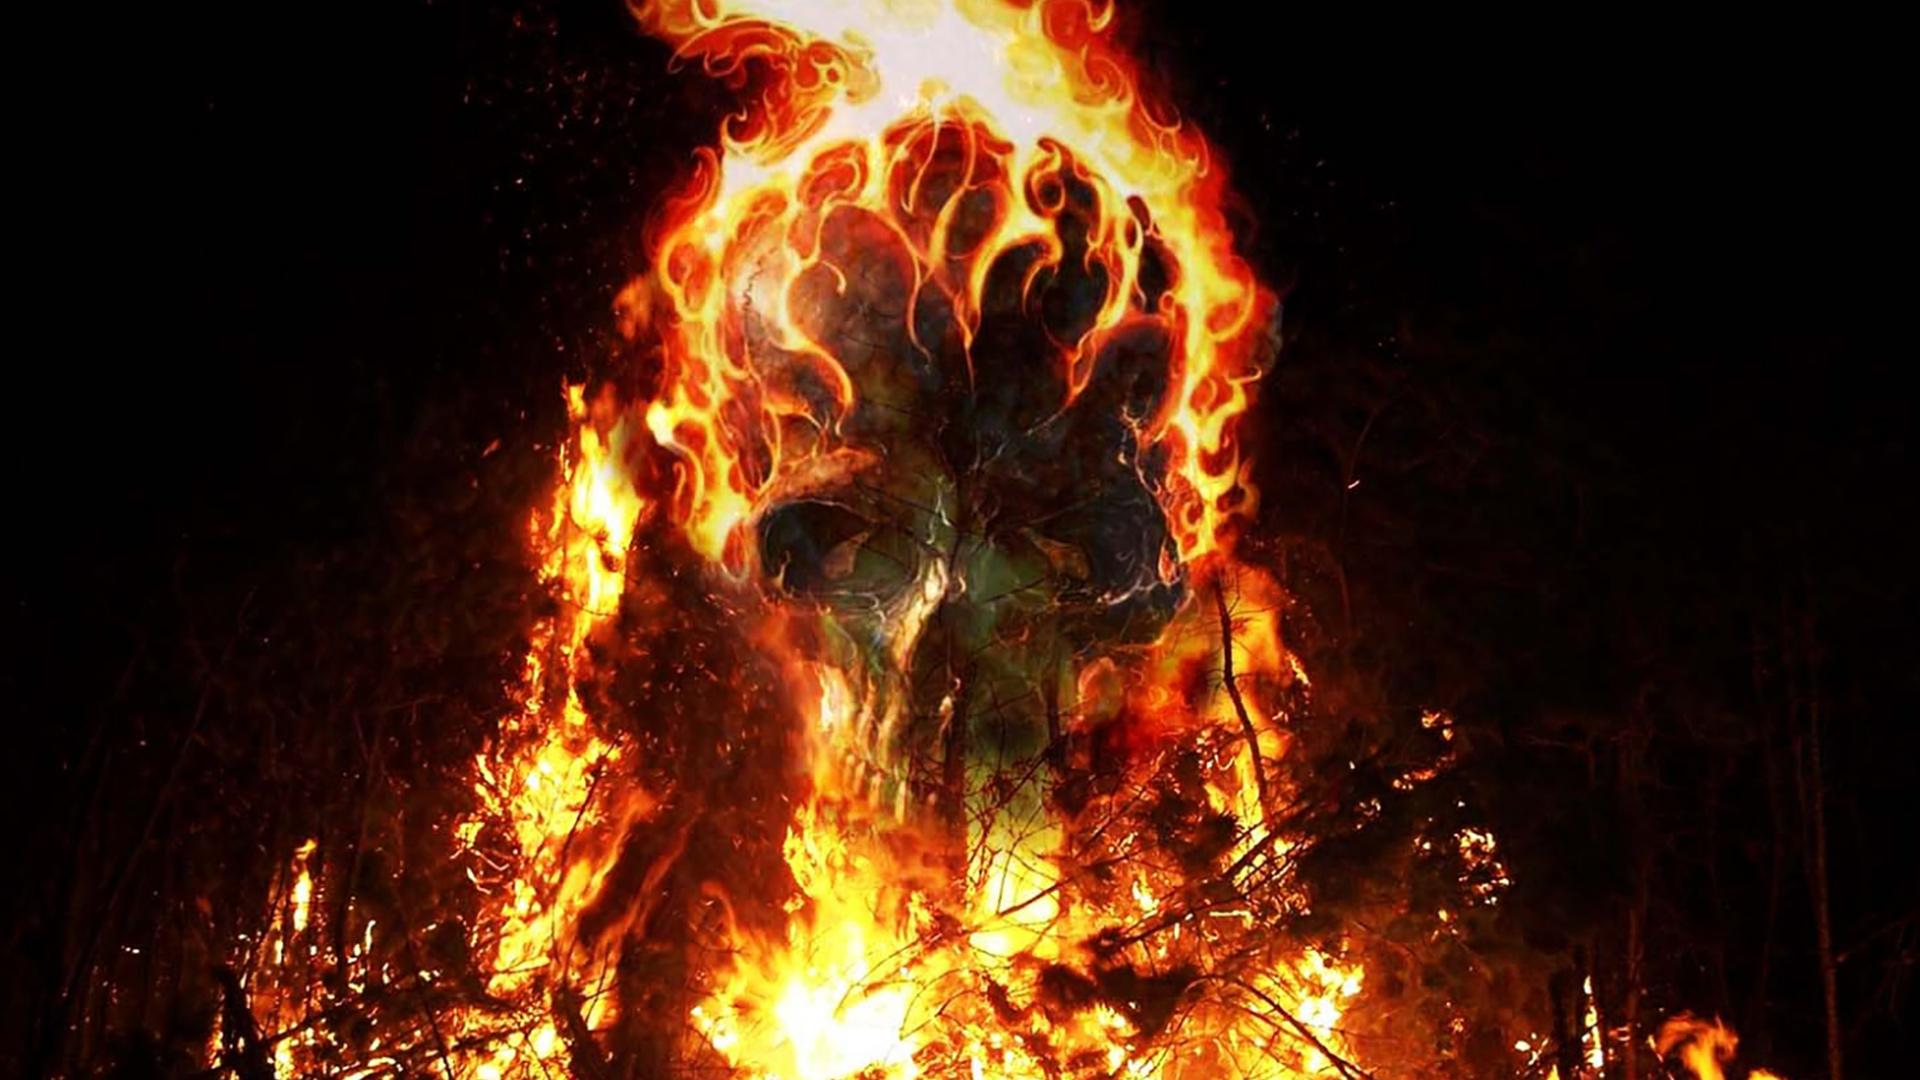 Землю в огне картинки на телефон